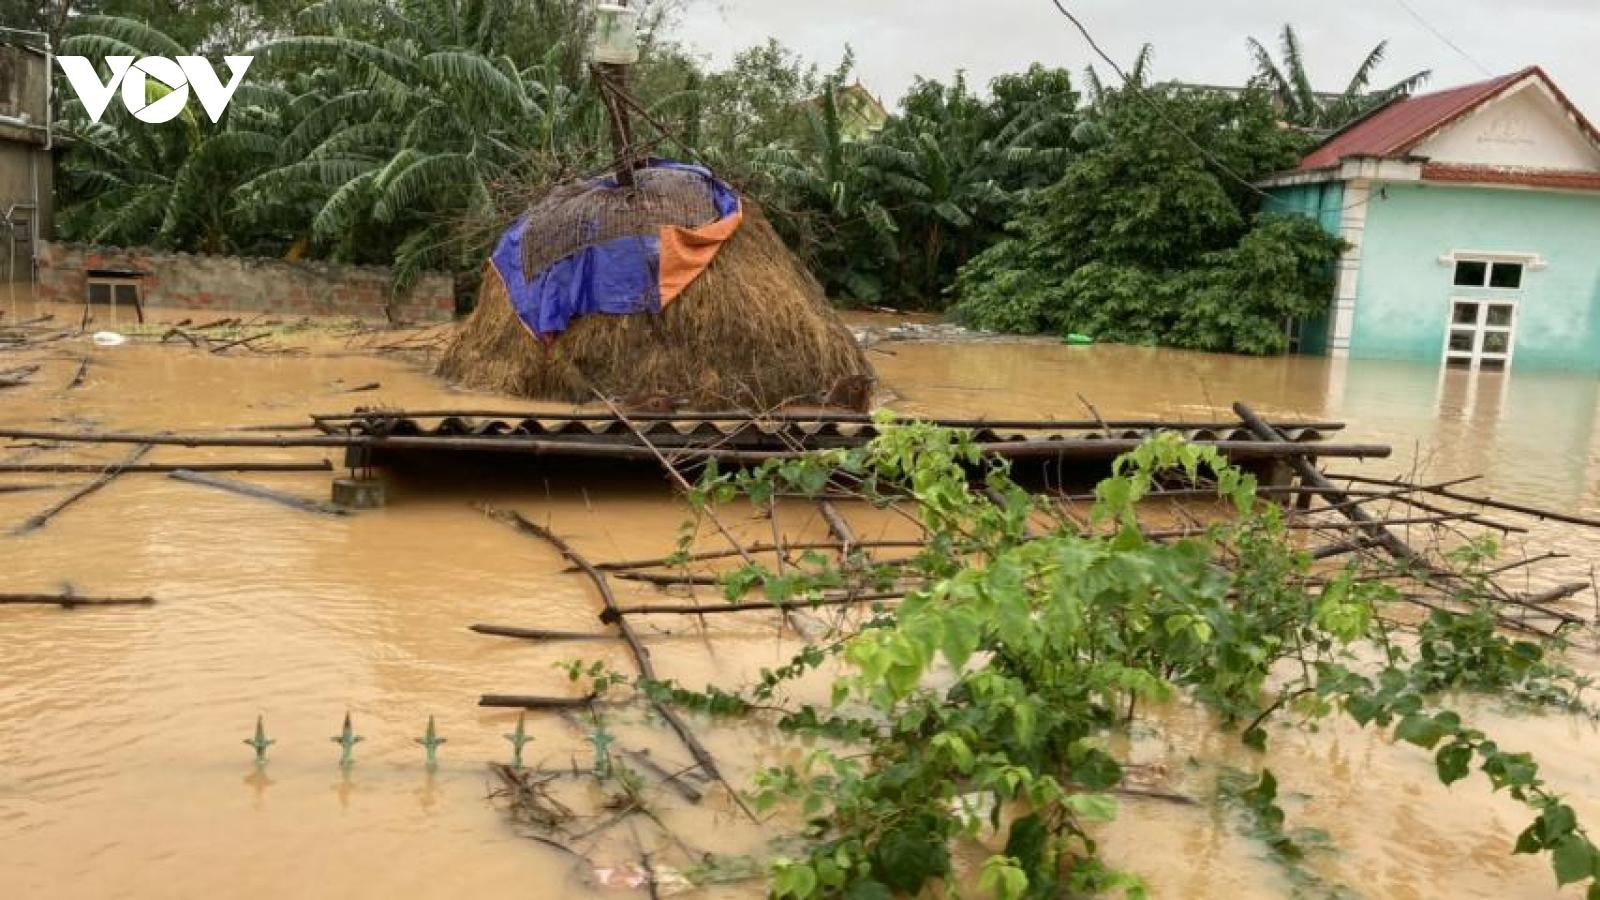 Điều phối hàng cứu trợ cho người dân vùng lũ tránh tập trung hỗ trợ ở một vài nơi